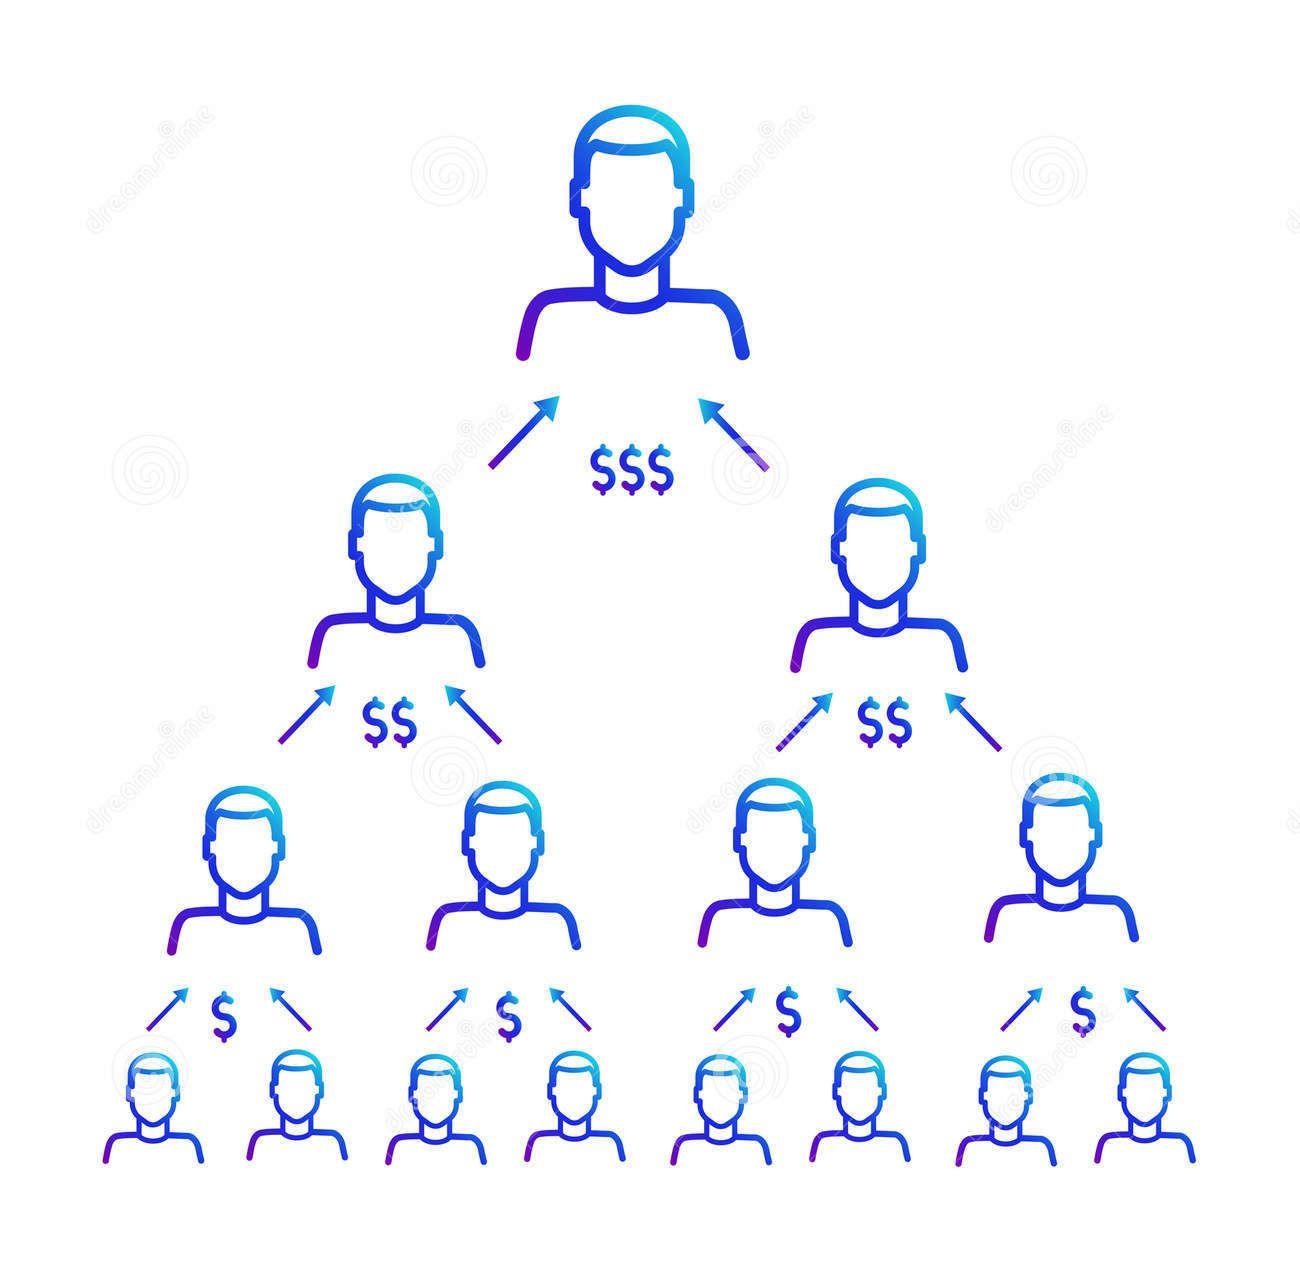 схема-работы-финансовой-пирами-ы-программа-направ-ения-97334457.jpg